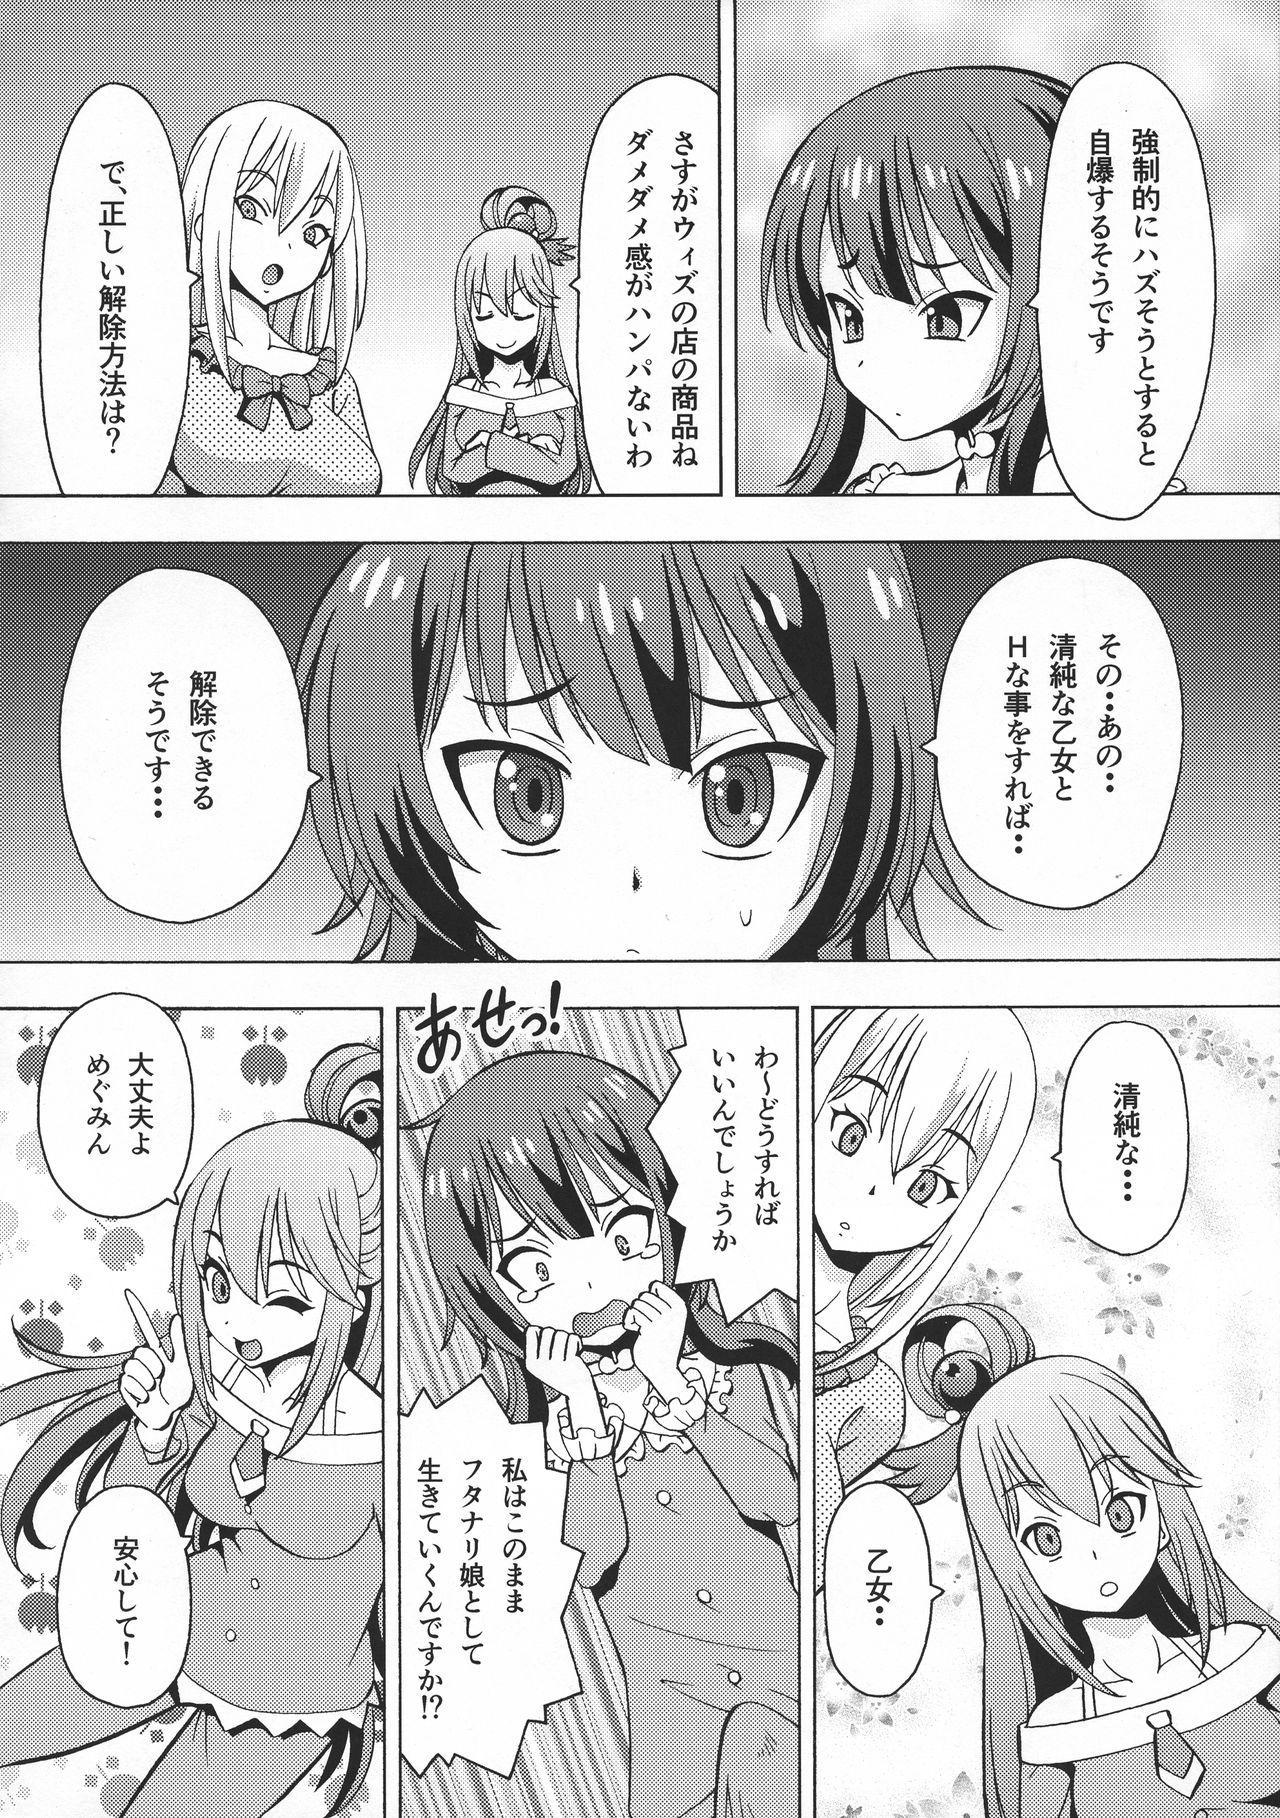 Ero Subarashii Sekai ni Nakadashi o! 6 FUTASUBA 5